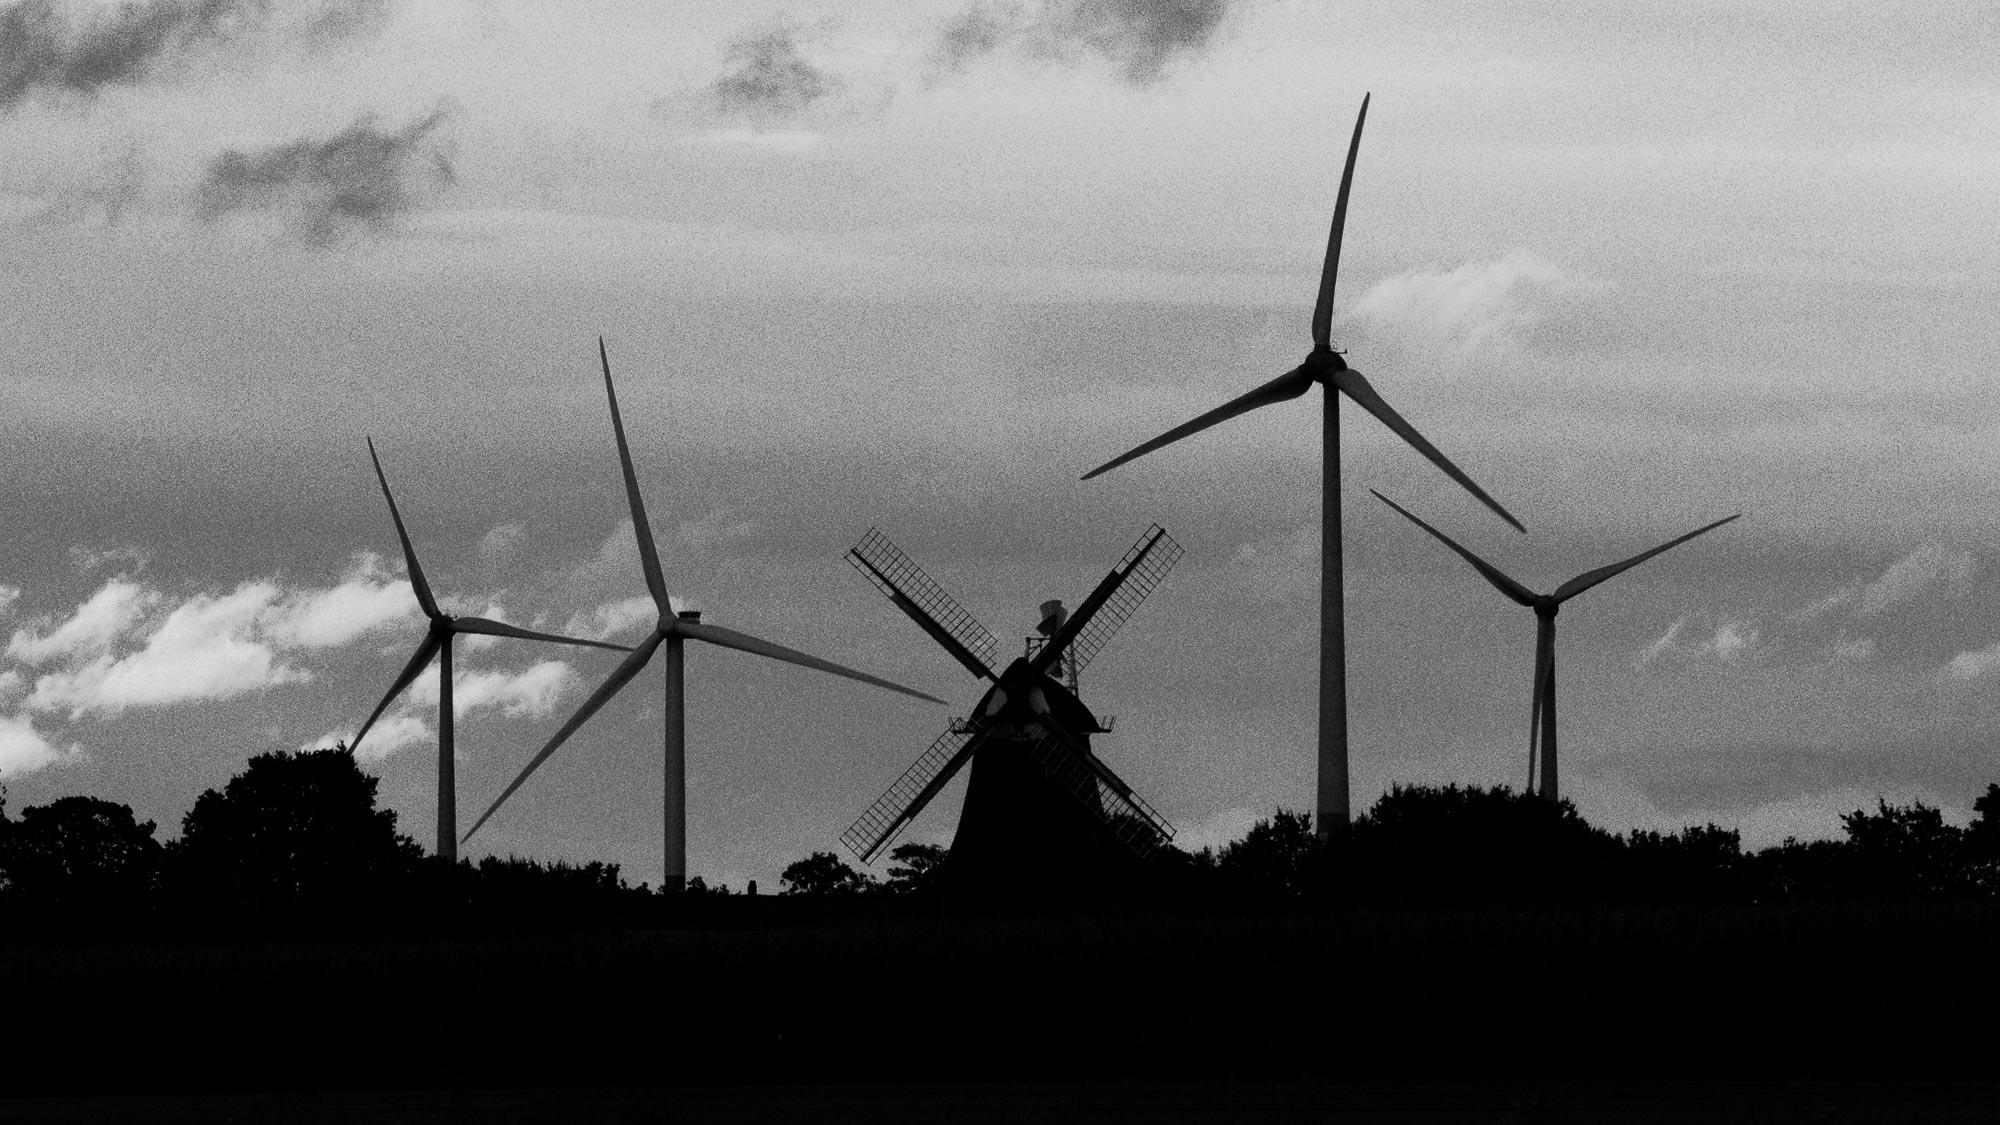 Windmühlen im Wechsel der Zeiten - es scheint, als wären alle gerade aus